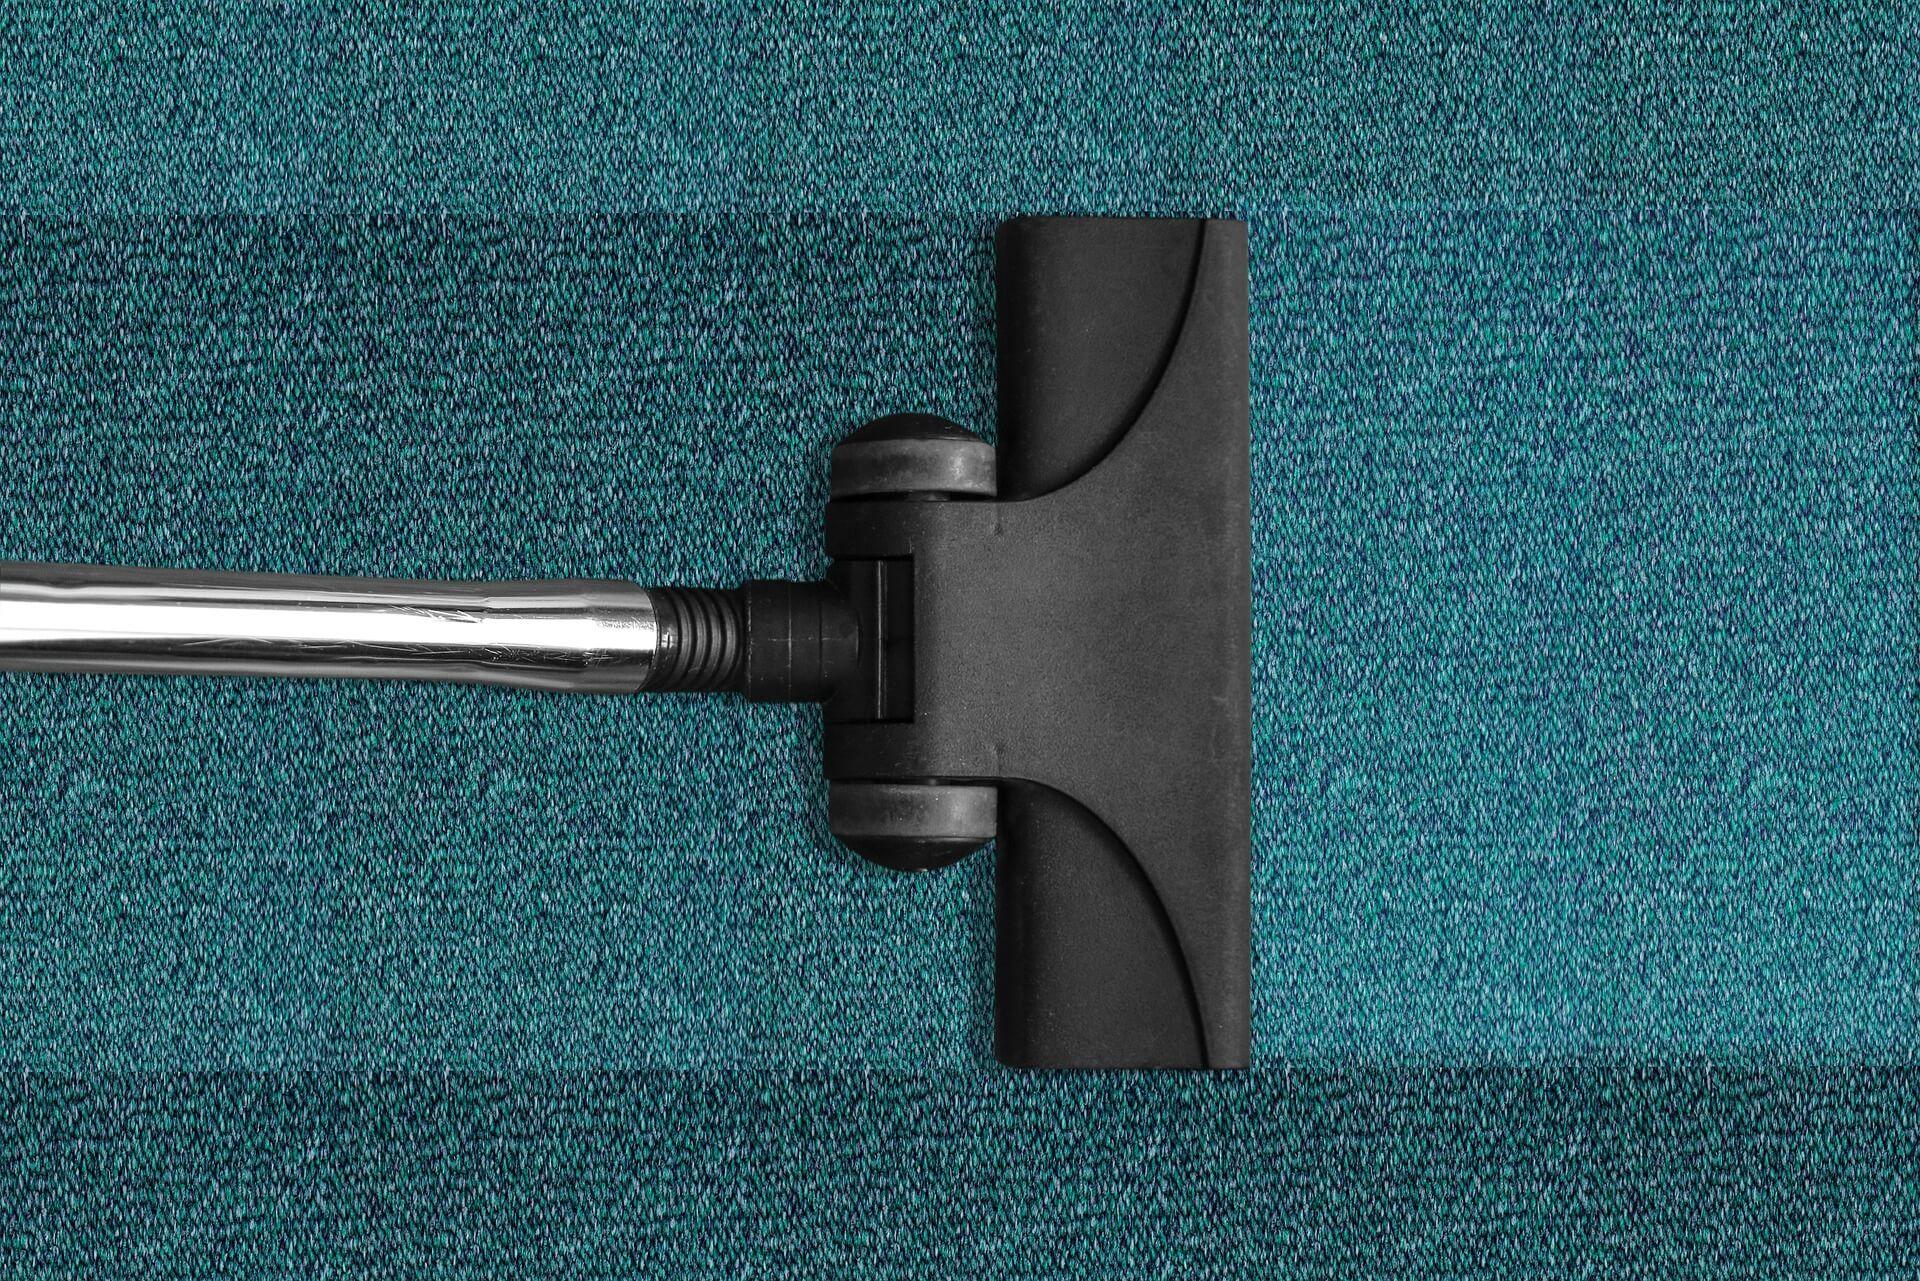 czyszczenie dywanow